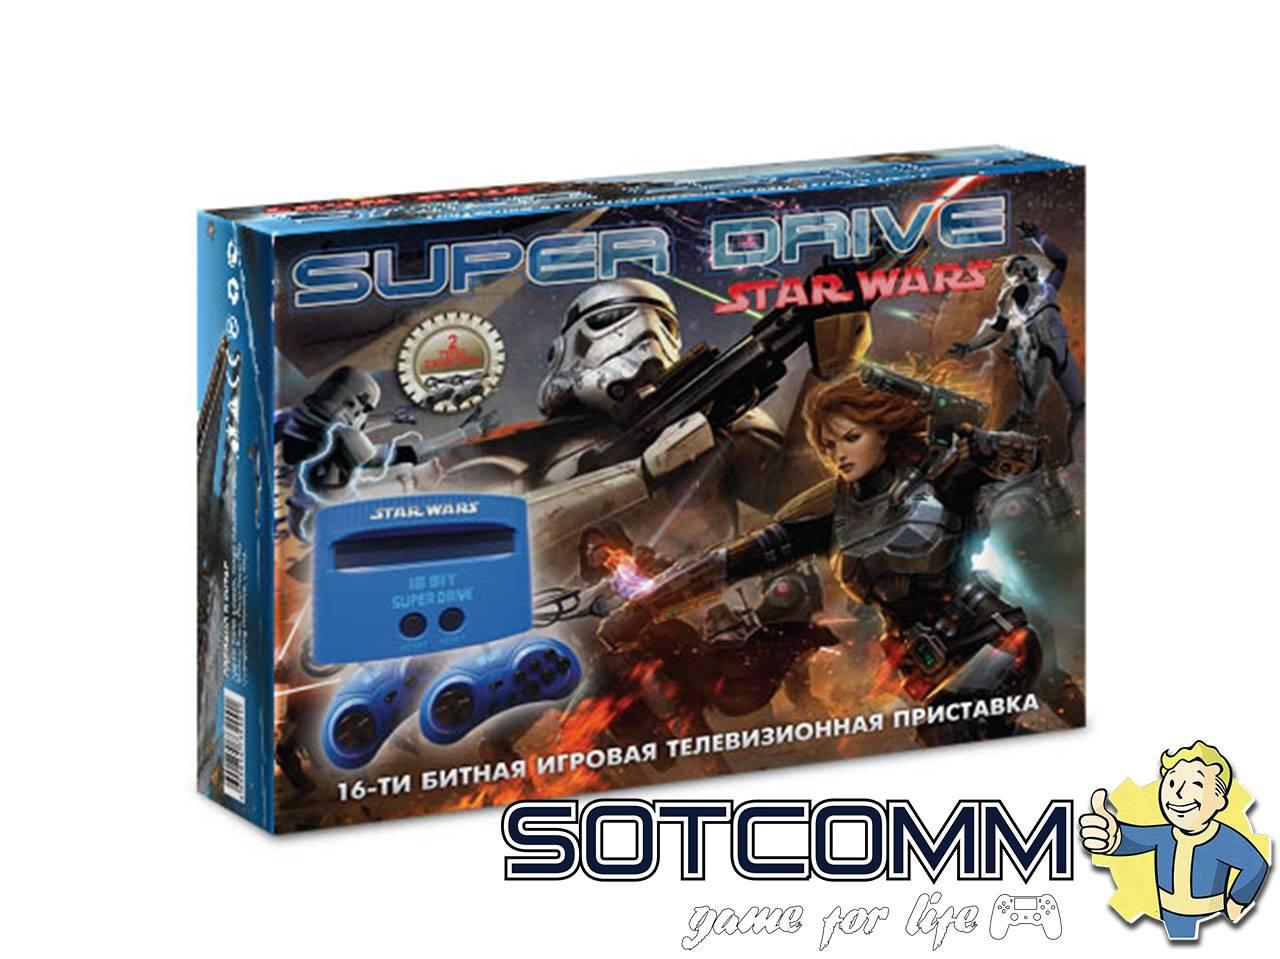 Игровая приставка Sega Super Drive Star Wars 8 игр